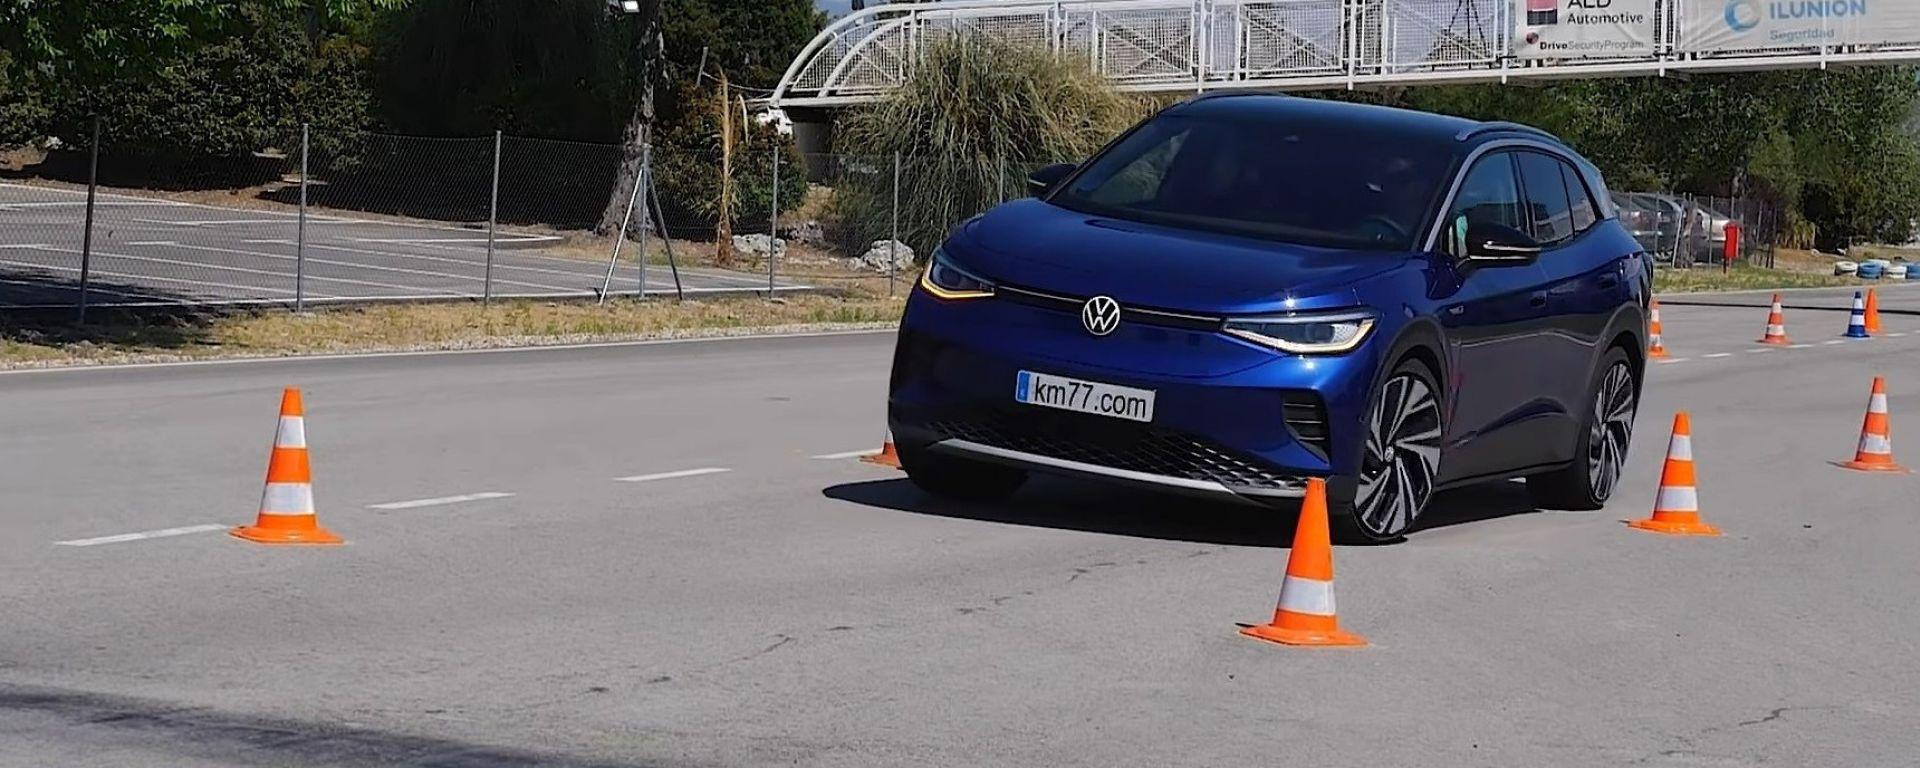 Volkswagen ID.4: il crossover elettrico impegnato nella prova dell'alce